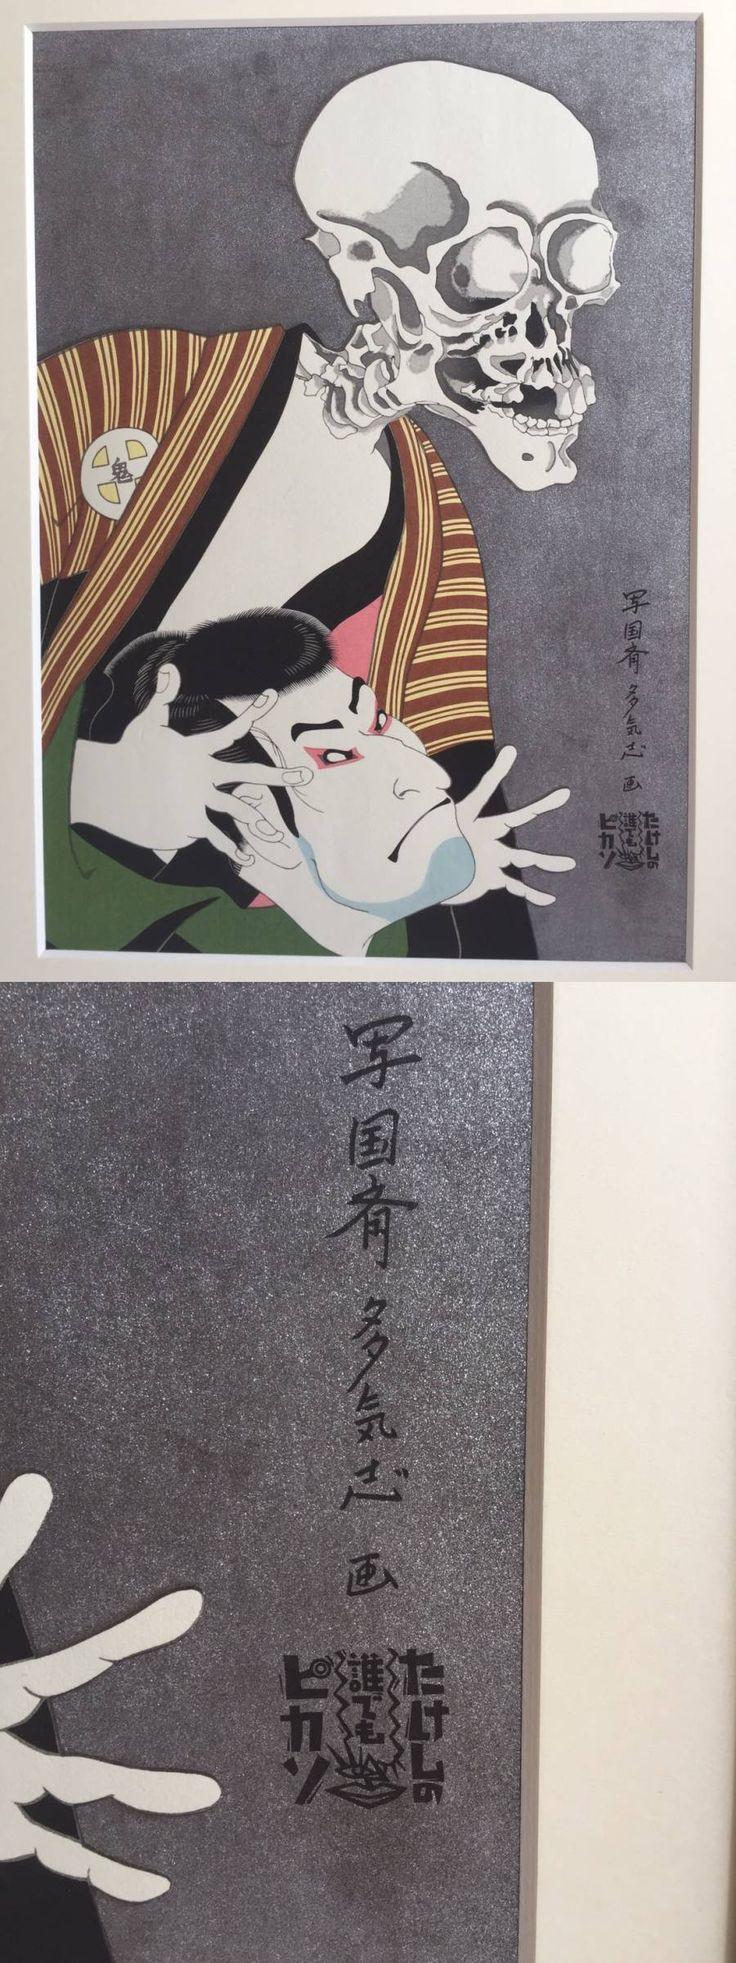 ◆限定50部◆ 写国斉多気志 写楽・国芳 「幻の木版... - ヤフオク!